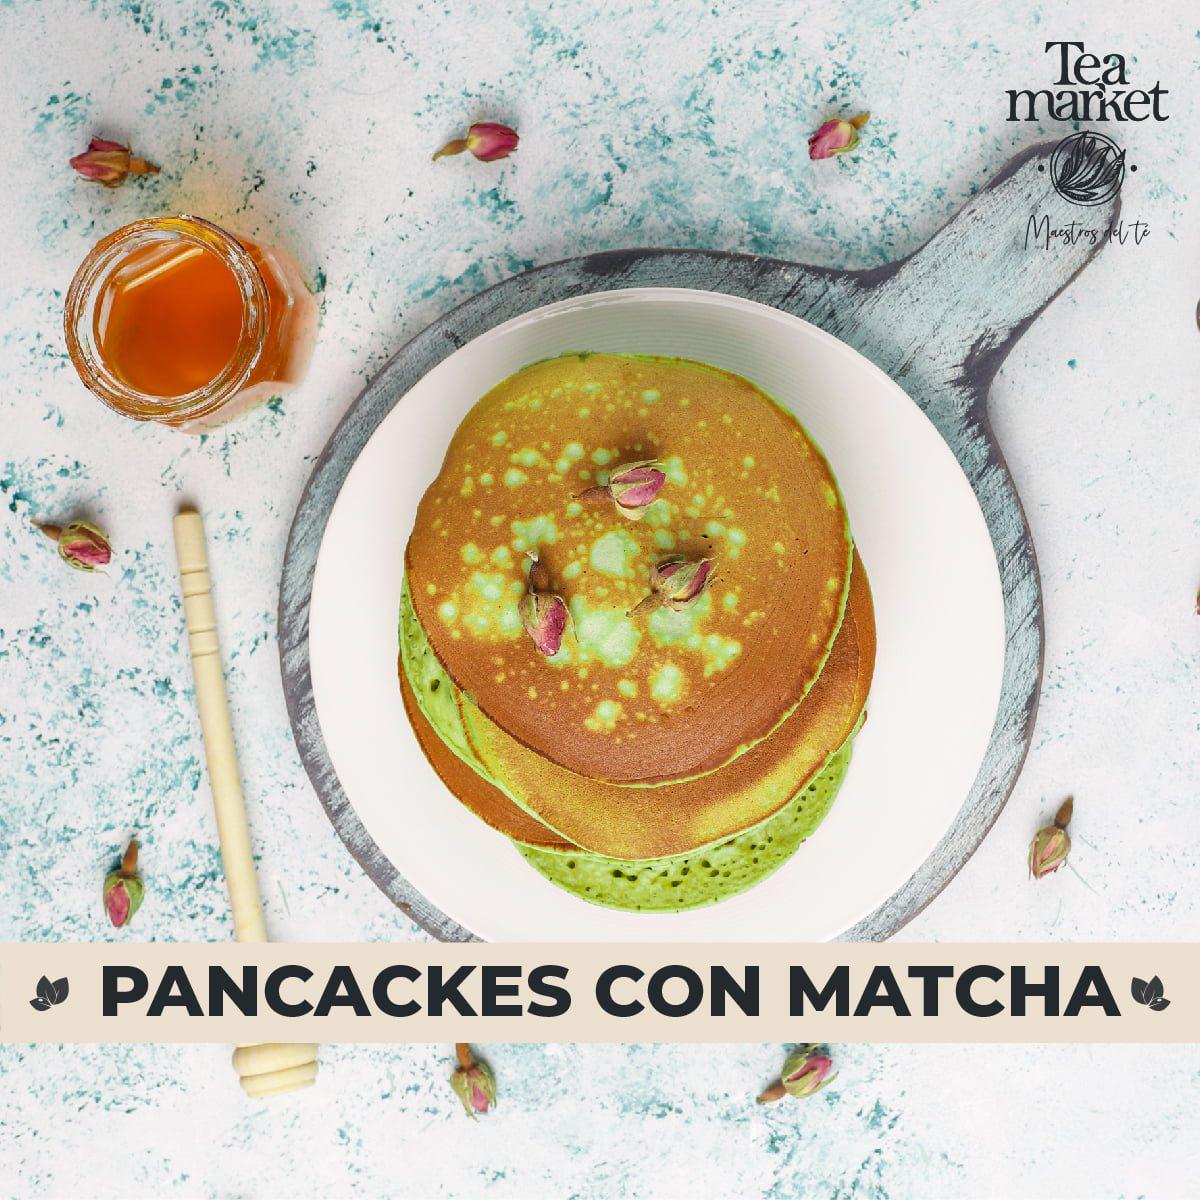 Receta - Pancakes de Matcha - Tea Market